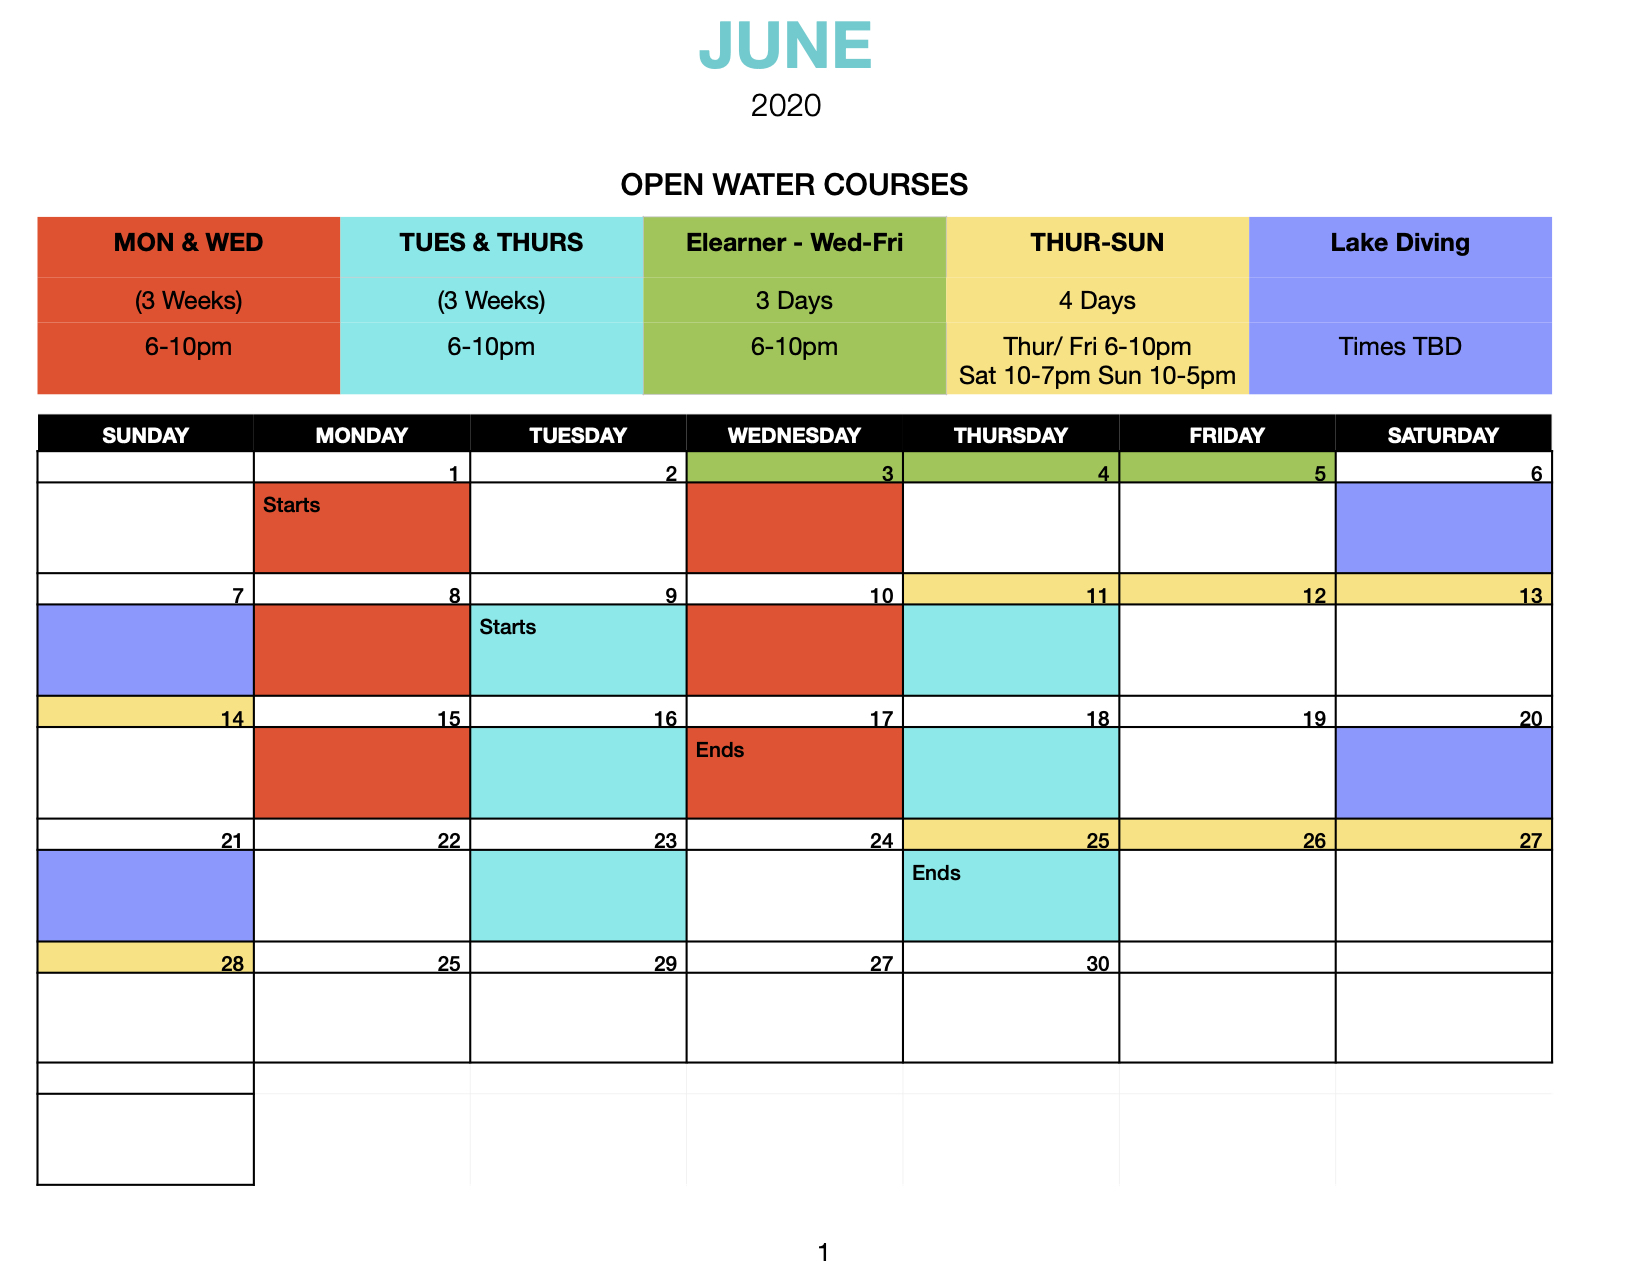 Open Water June Schedule